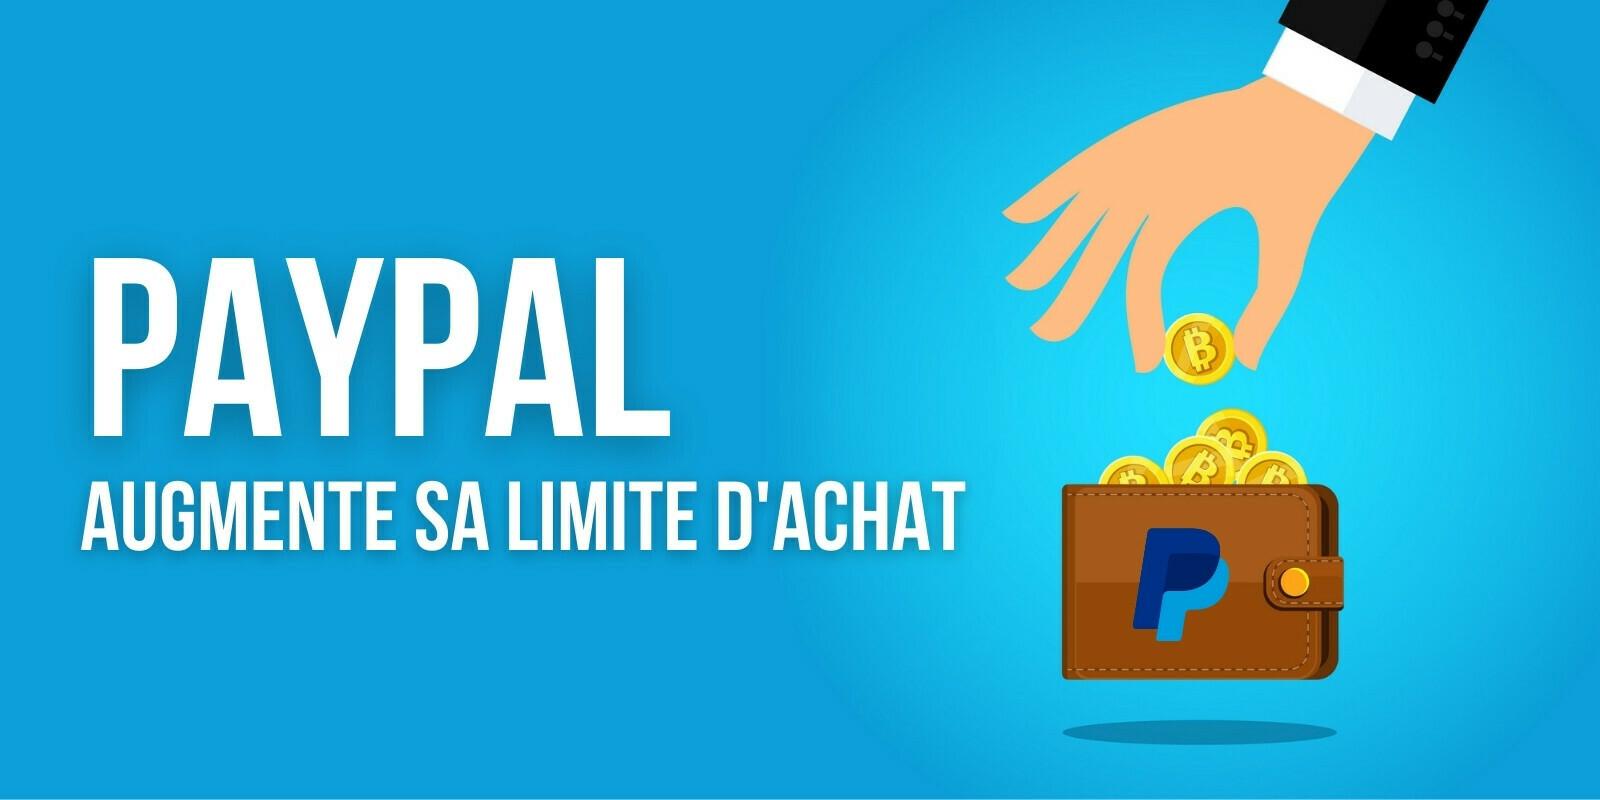 PayPal augmente sa limite d'achat de cryptomonnaies à 100000dollars par semaine